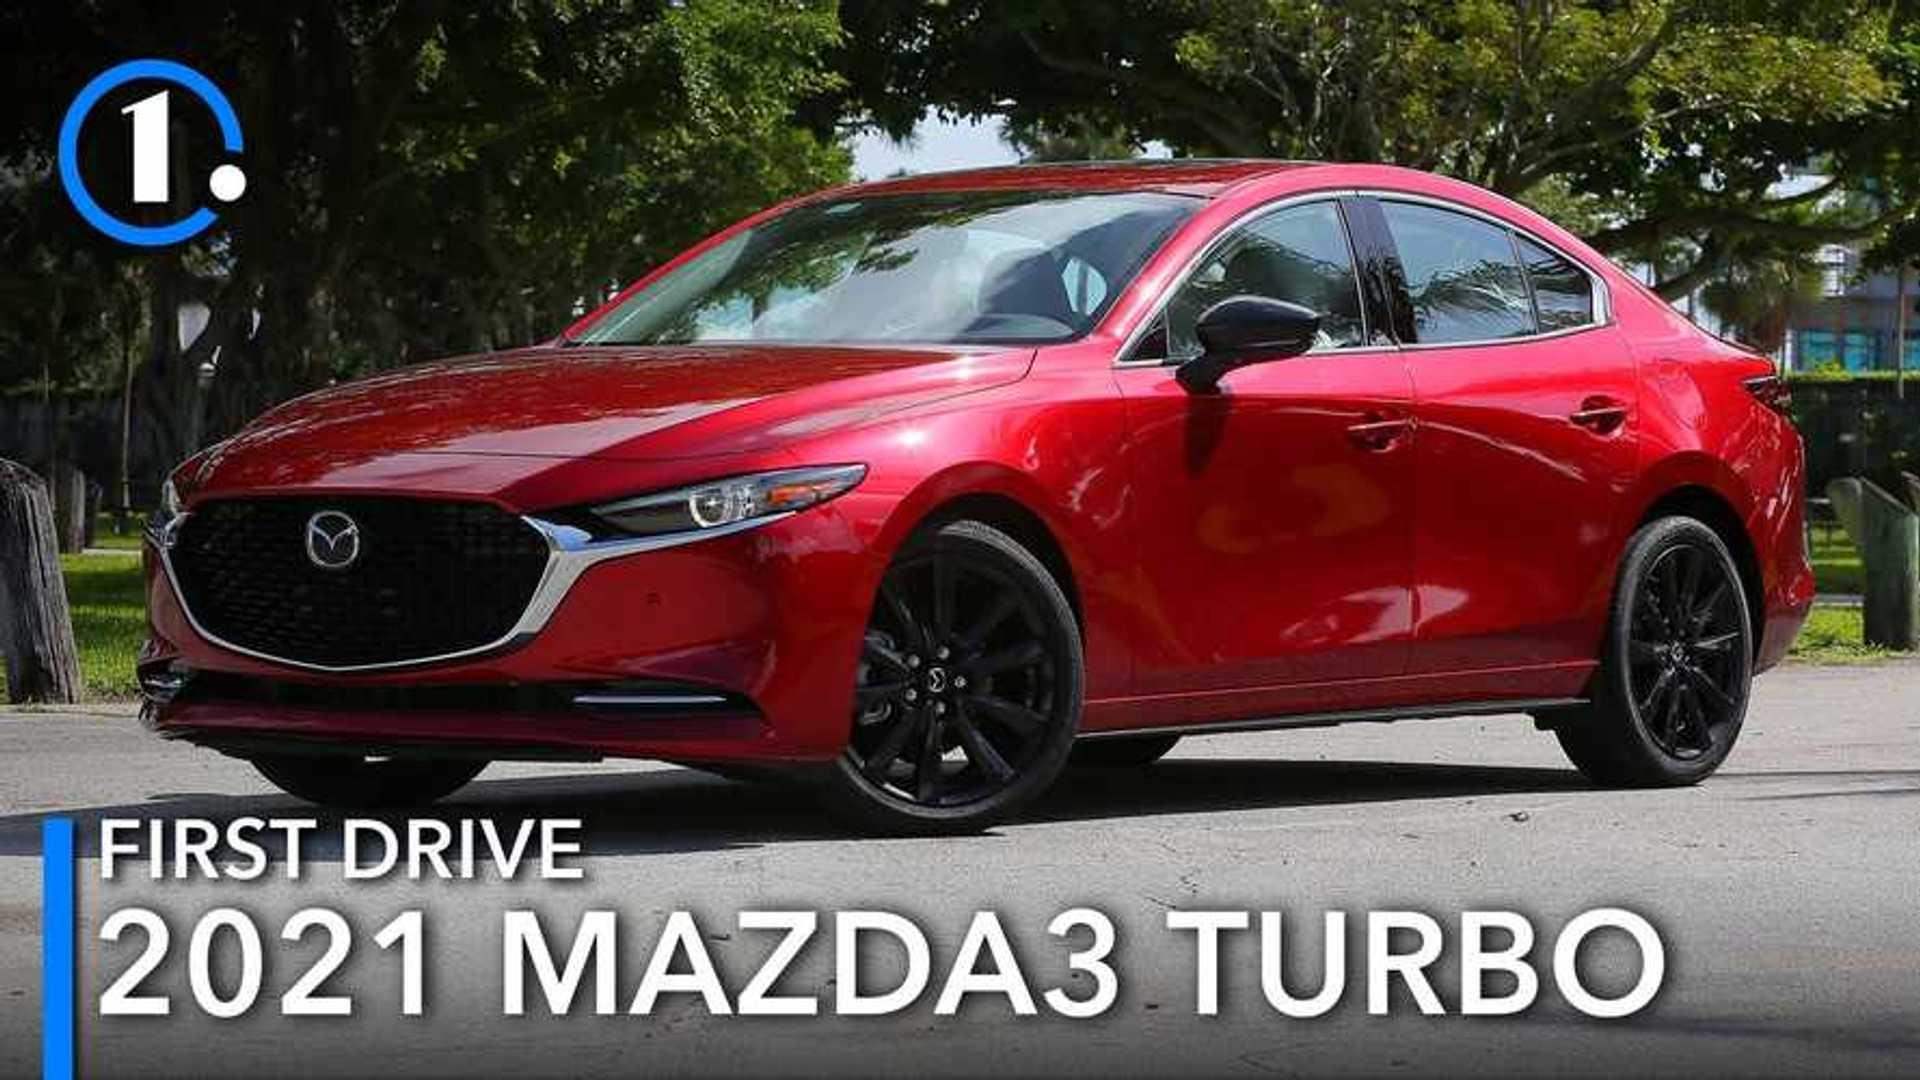 Kelebihan Mazda A3 Spesifikasi